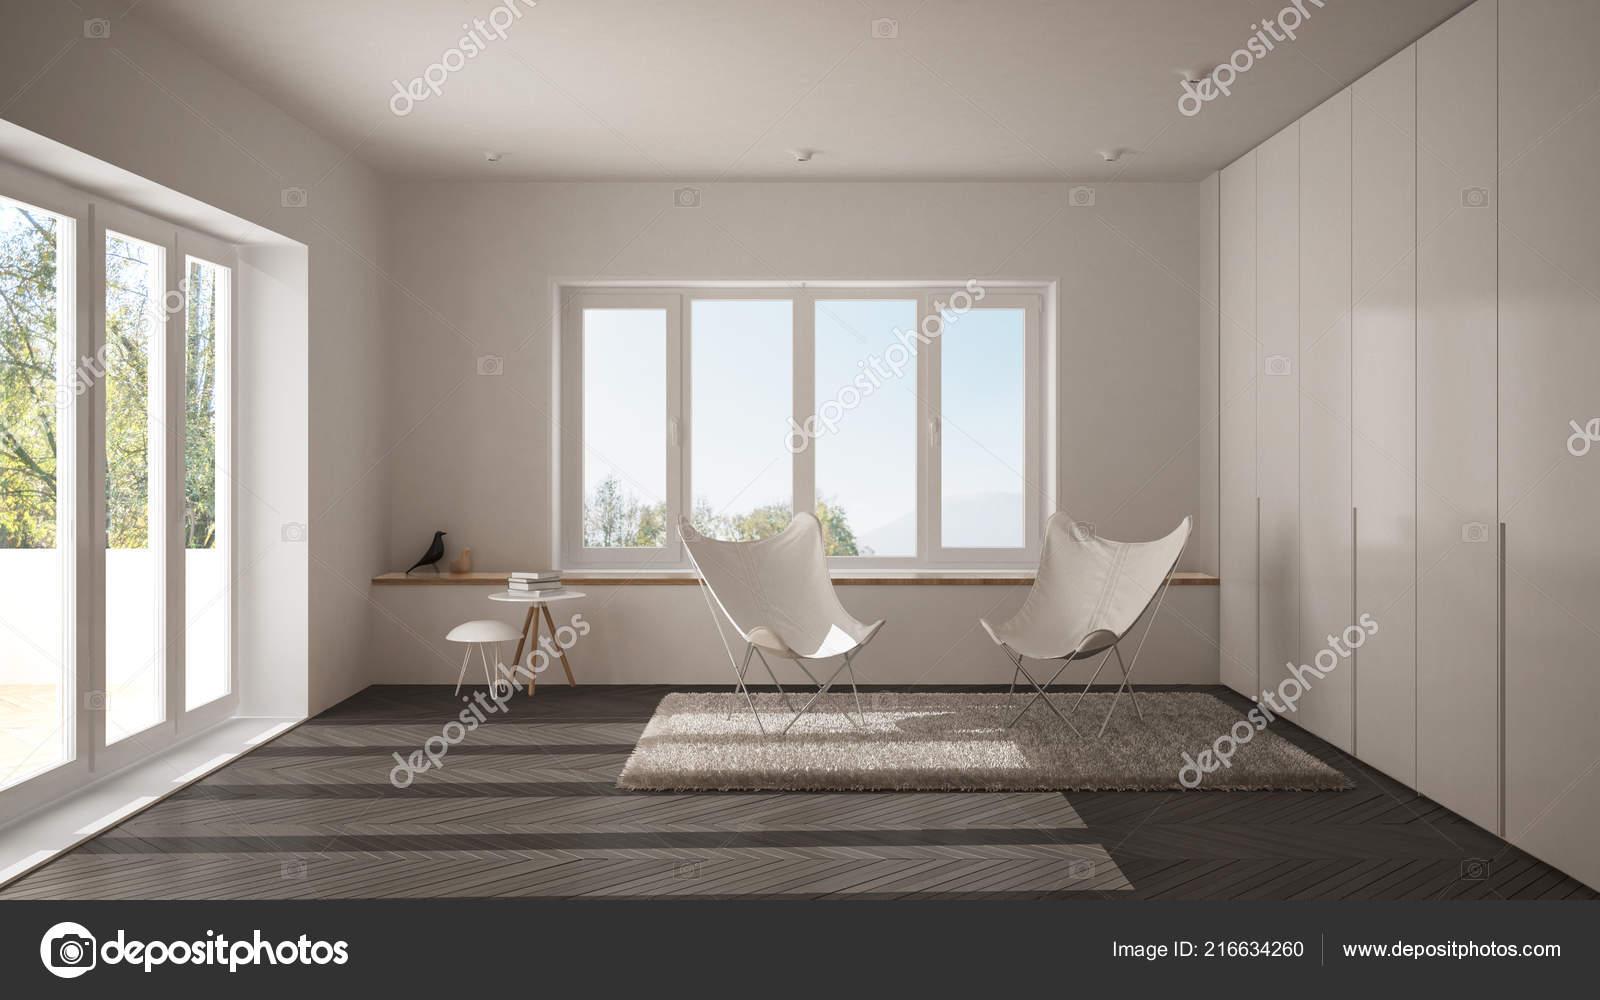 Pavimento Bianco E Grigio : Salone minimo bianco grigio con poltrona moquette pavimento parquet